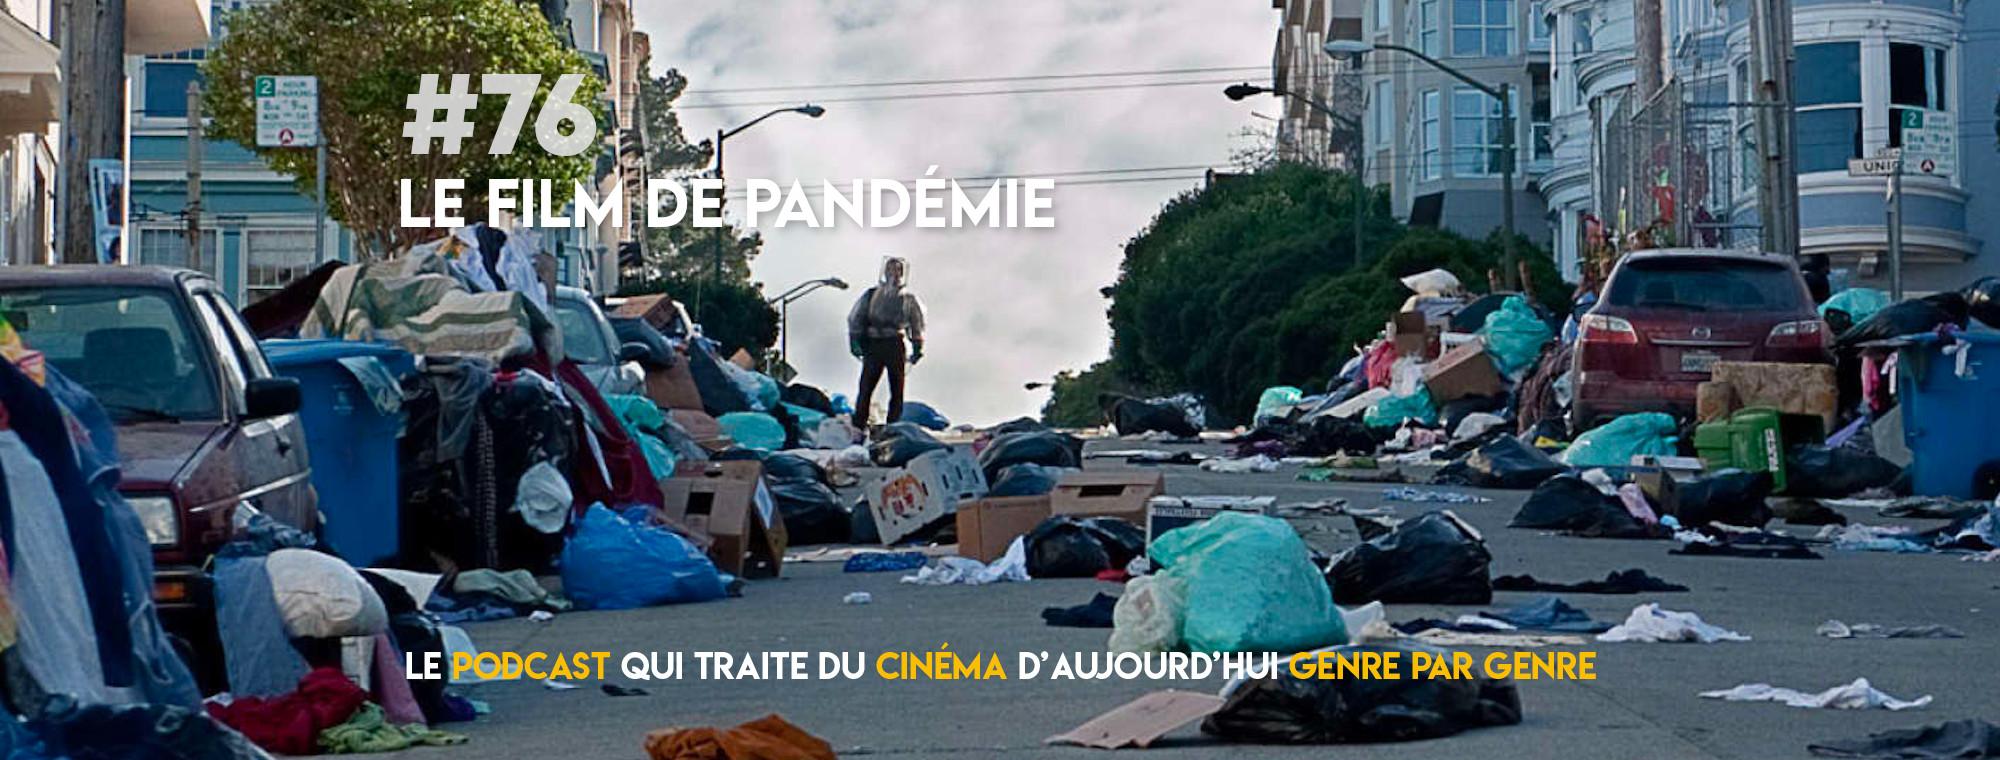 Parlons Péloches - #76 Le film de pandémie